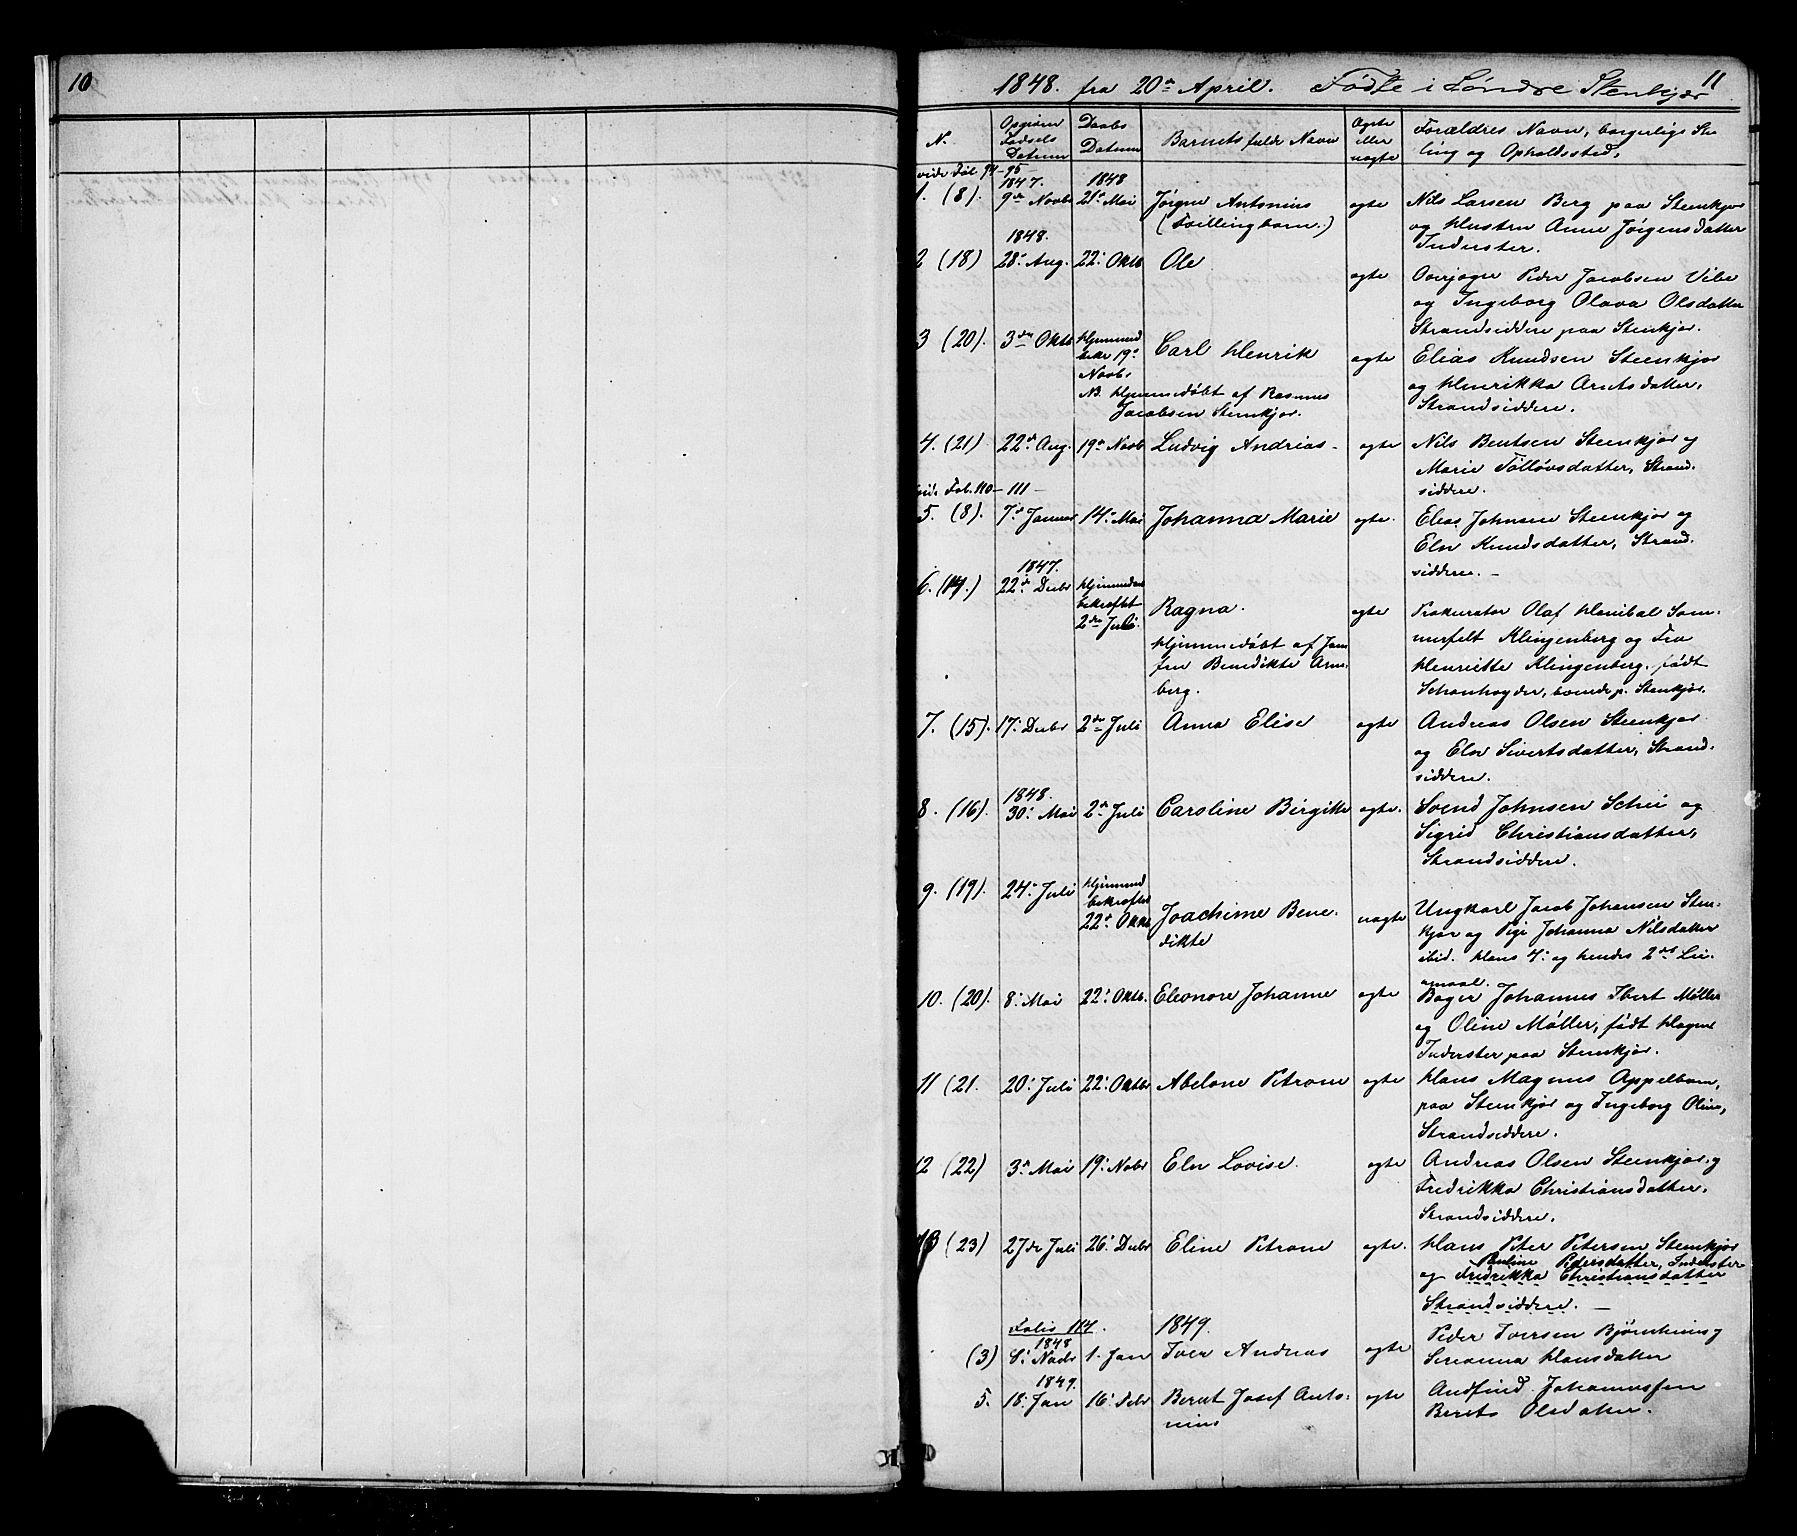 SAT, Ministerialprotokoller, klokkerbøker og fødselsregistre - Nord-Trøndelag, 739/L0367: Ministerialbok nr. 739A01 /1, 1838-1868, s. 10-11